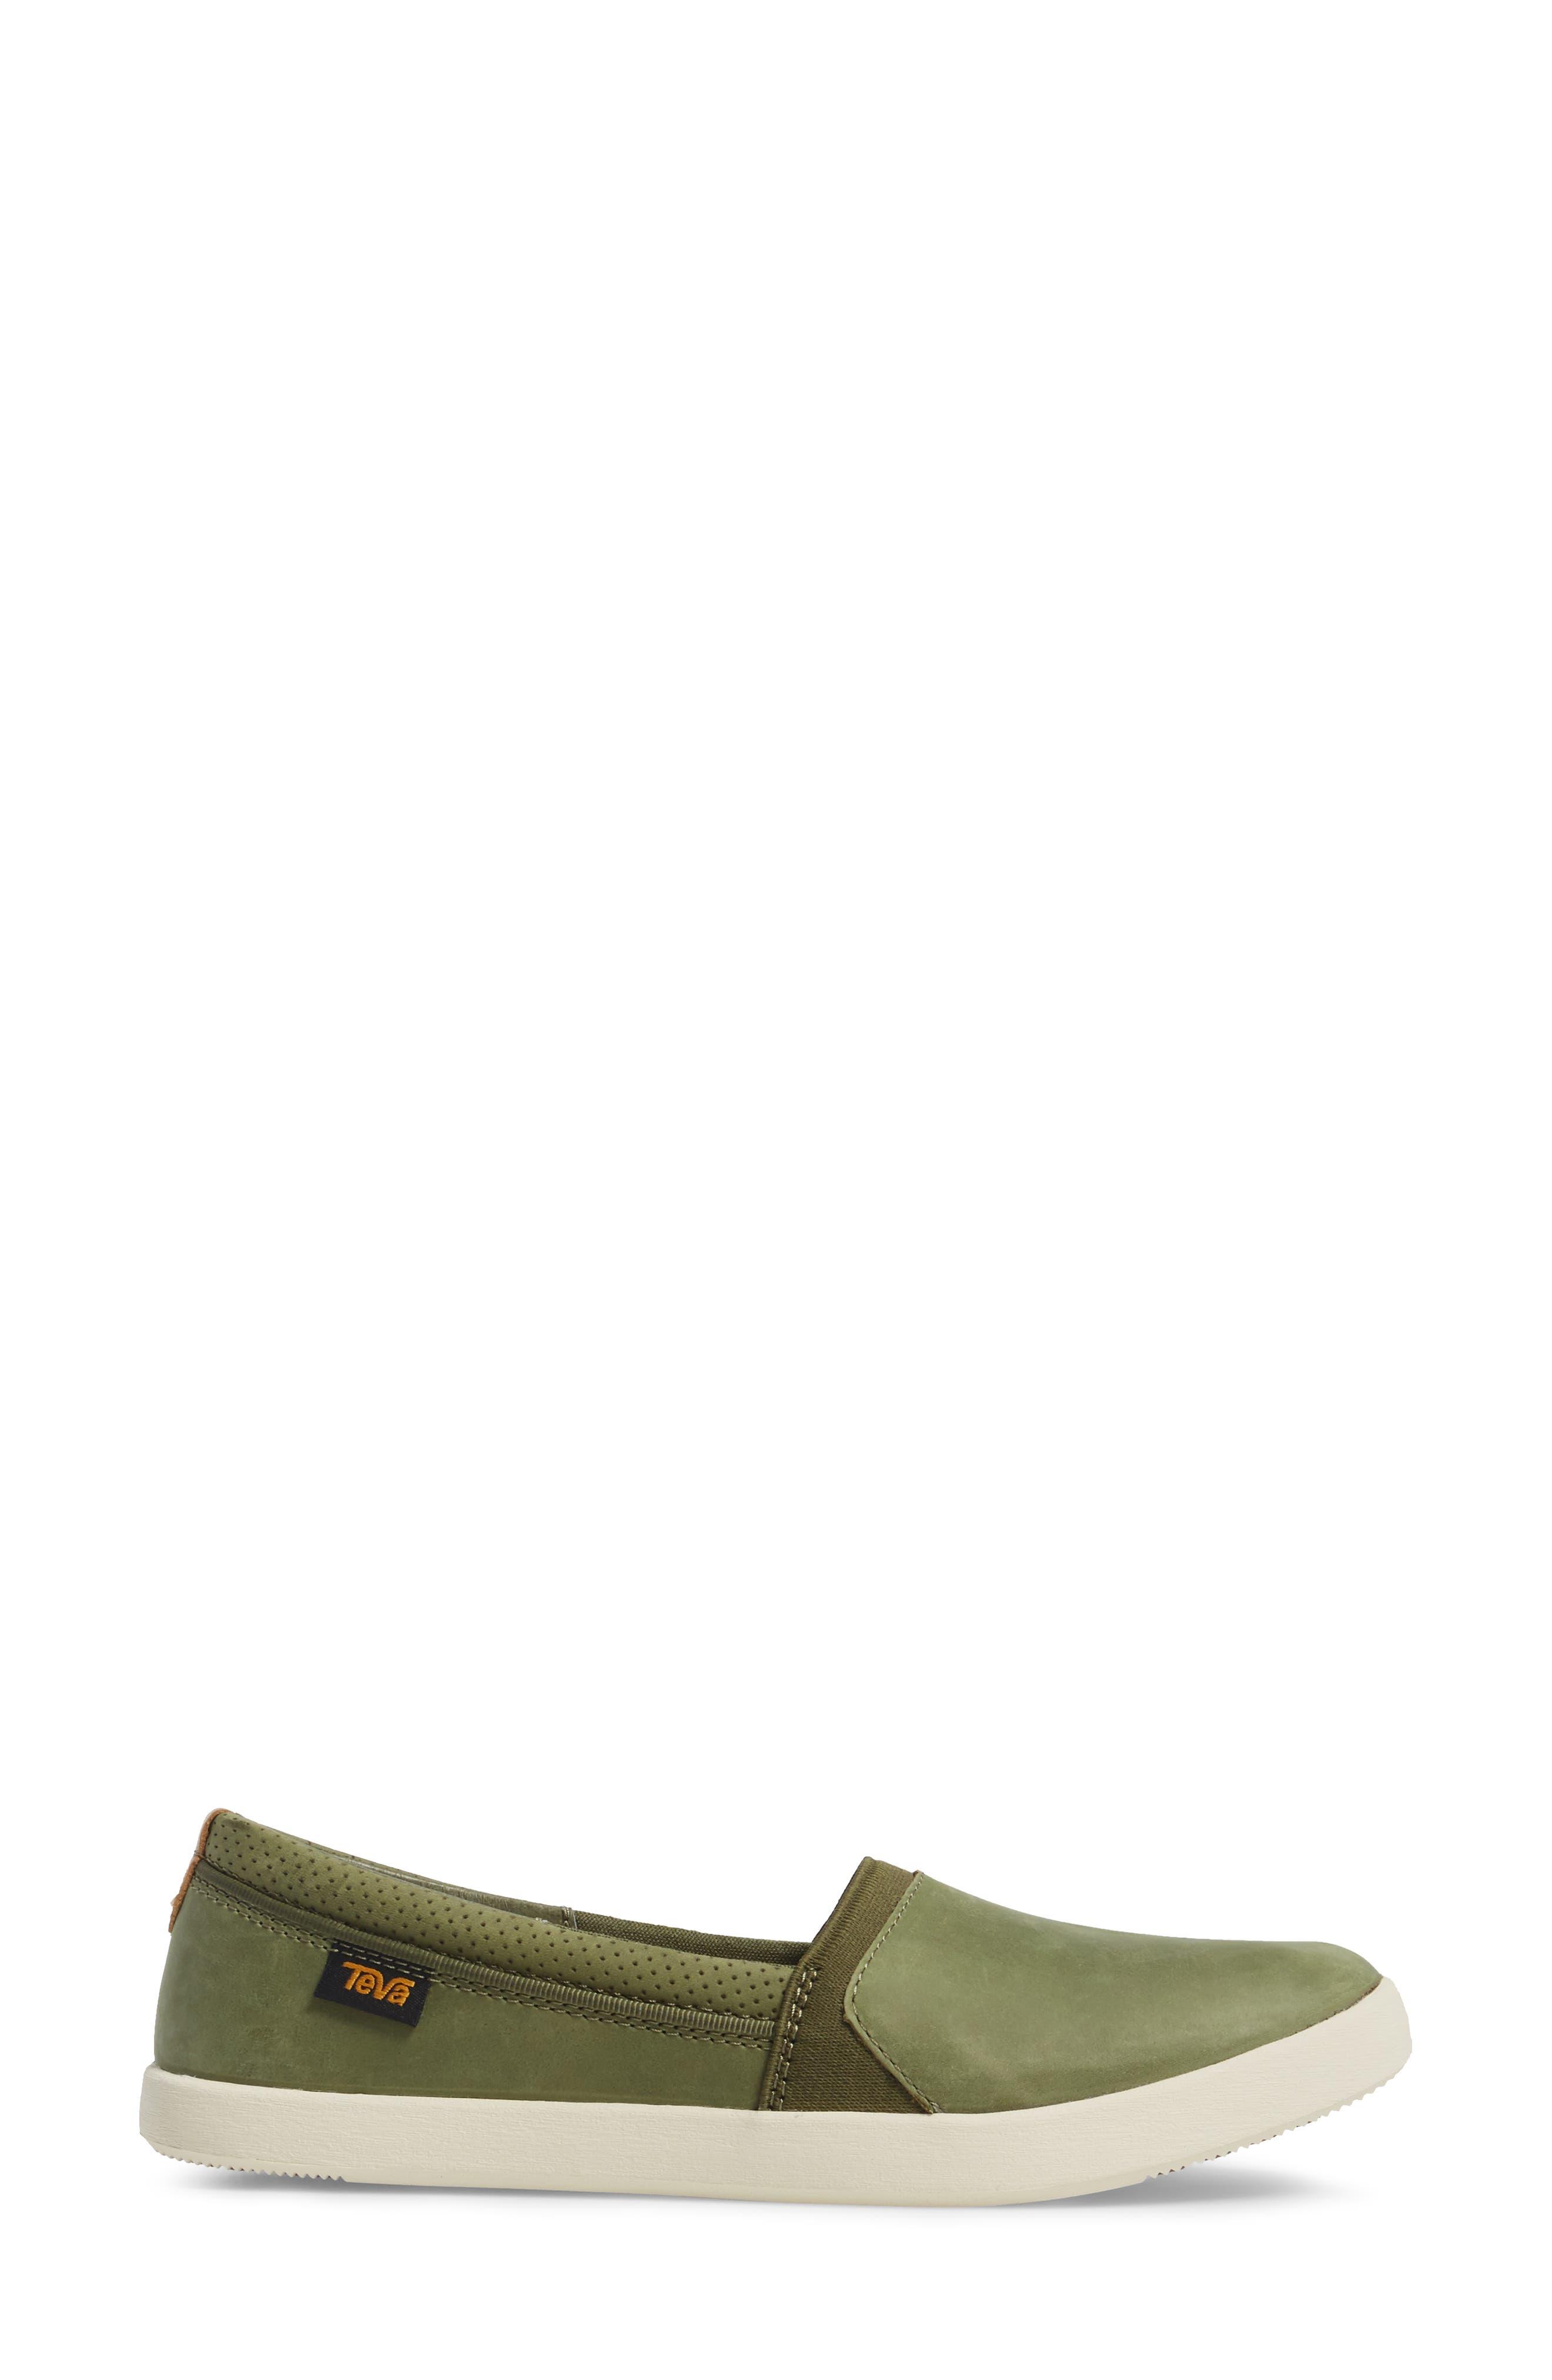 Willow Slip-On Sneaker,                             Alternate thumbnail 12, color,